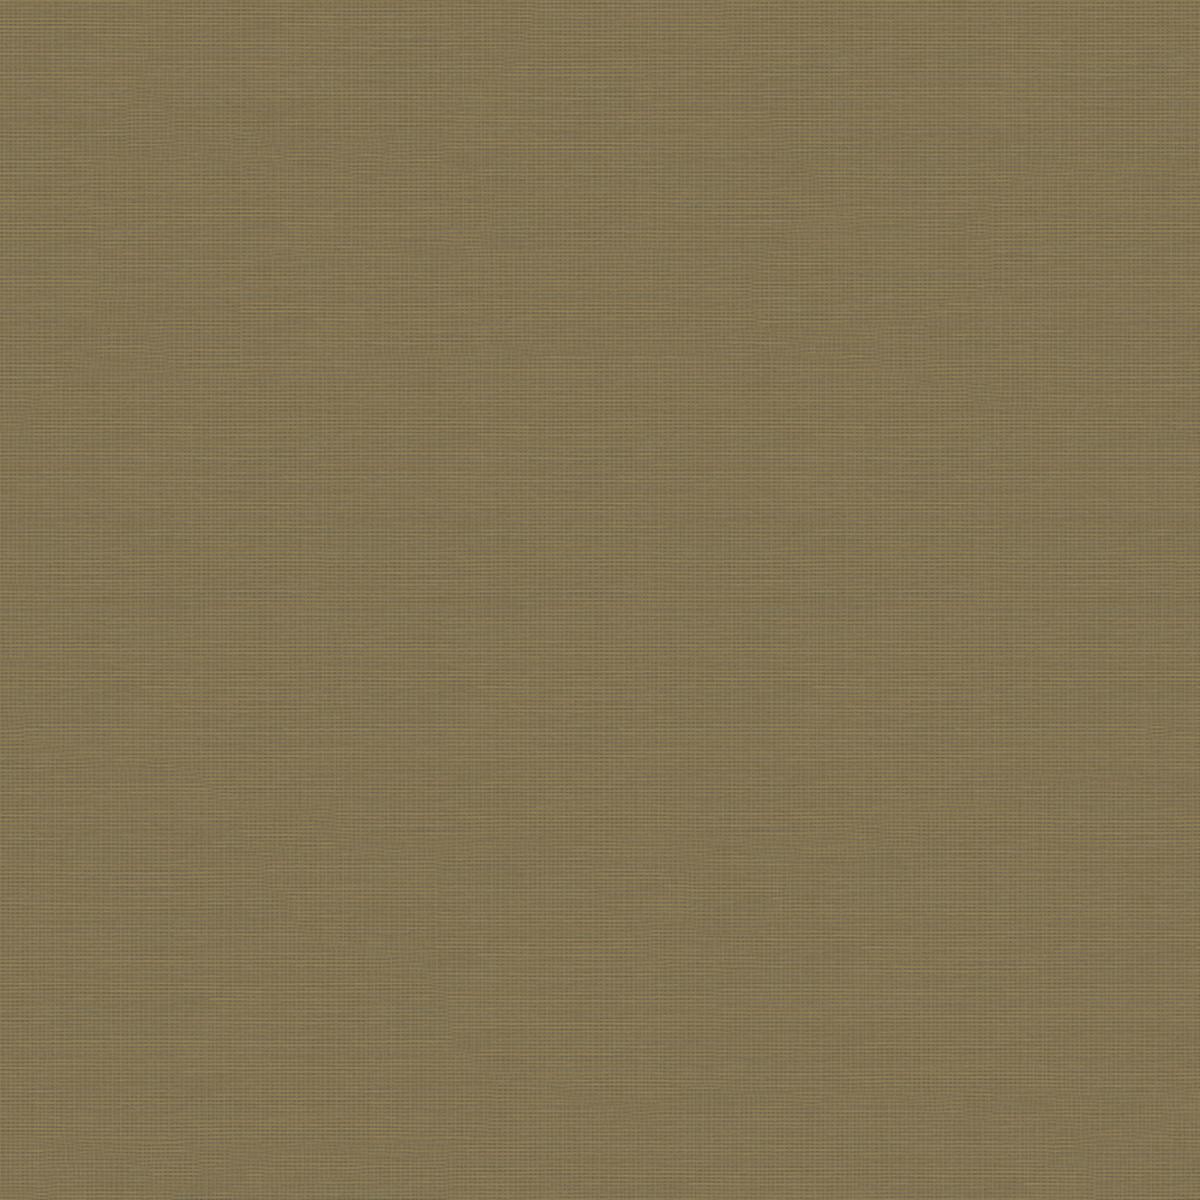 Обои виниловые Gaenari зеленые 1.06 м 81157-6